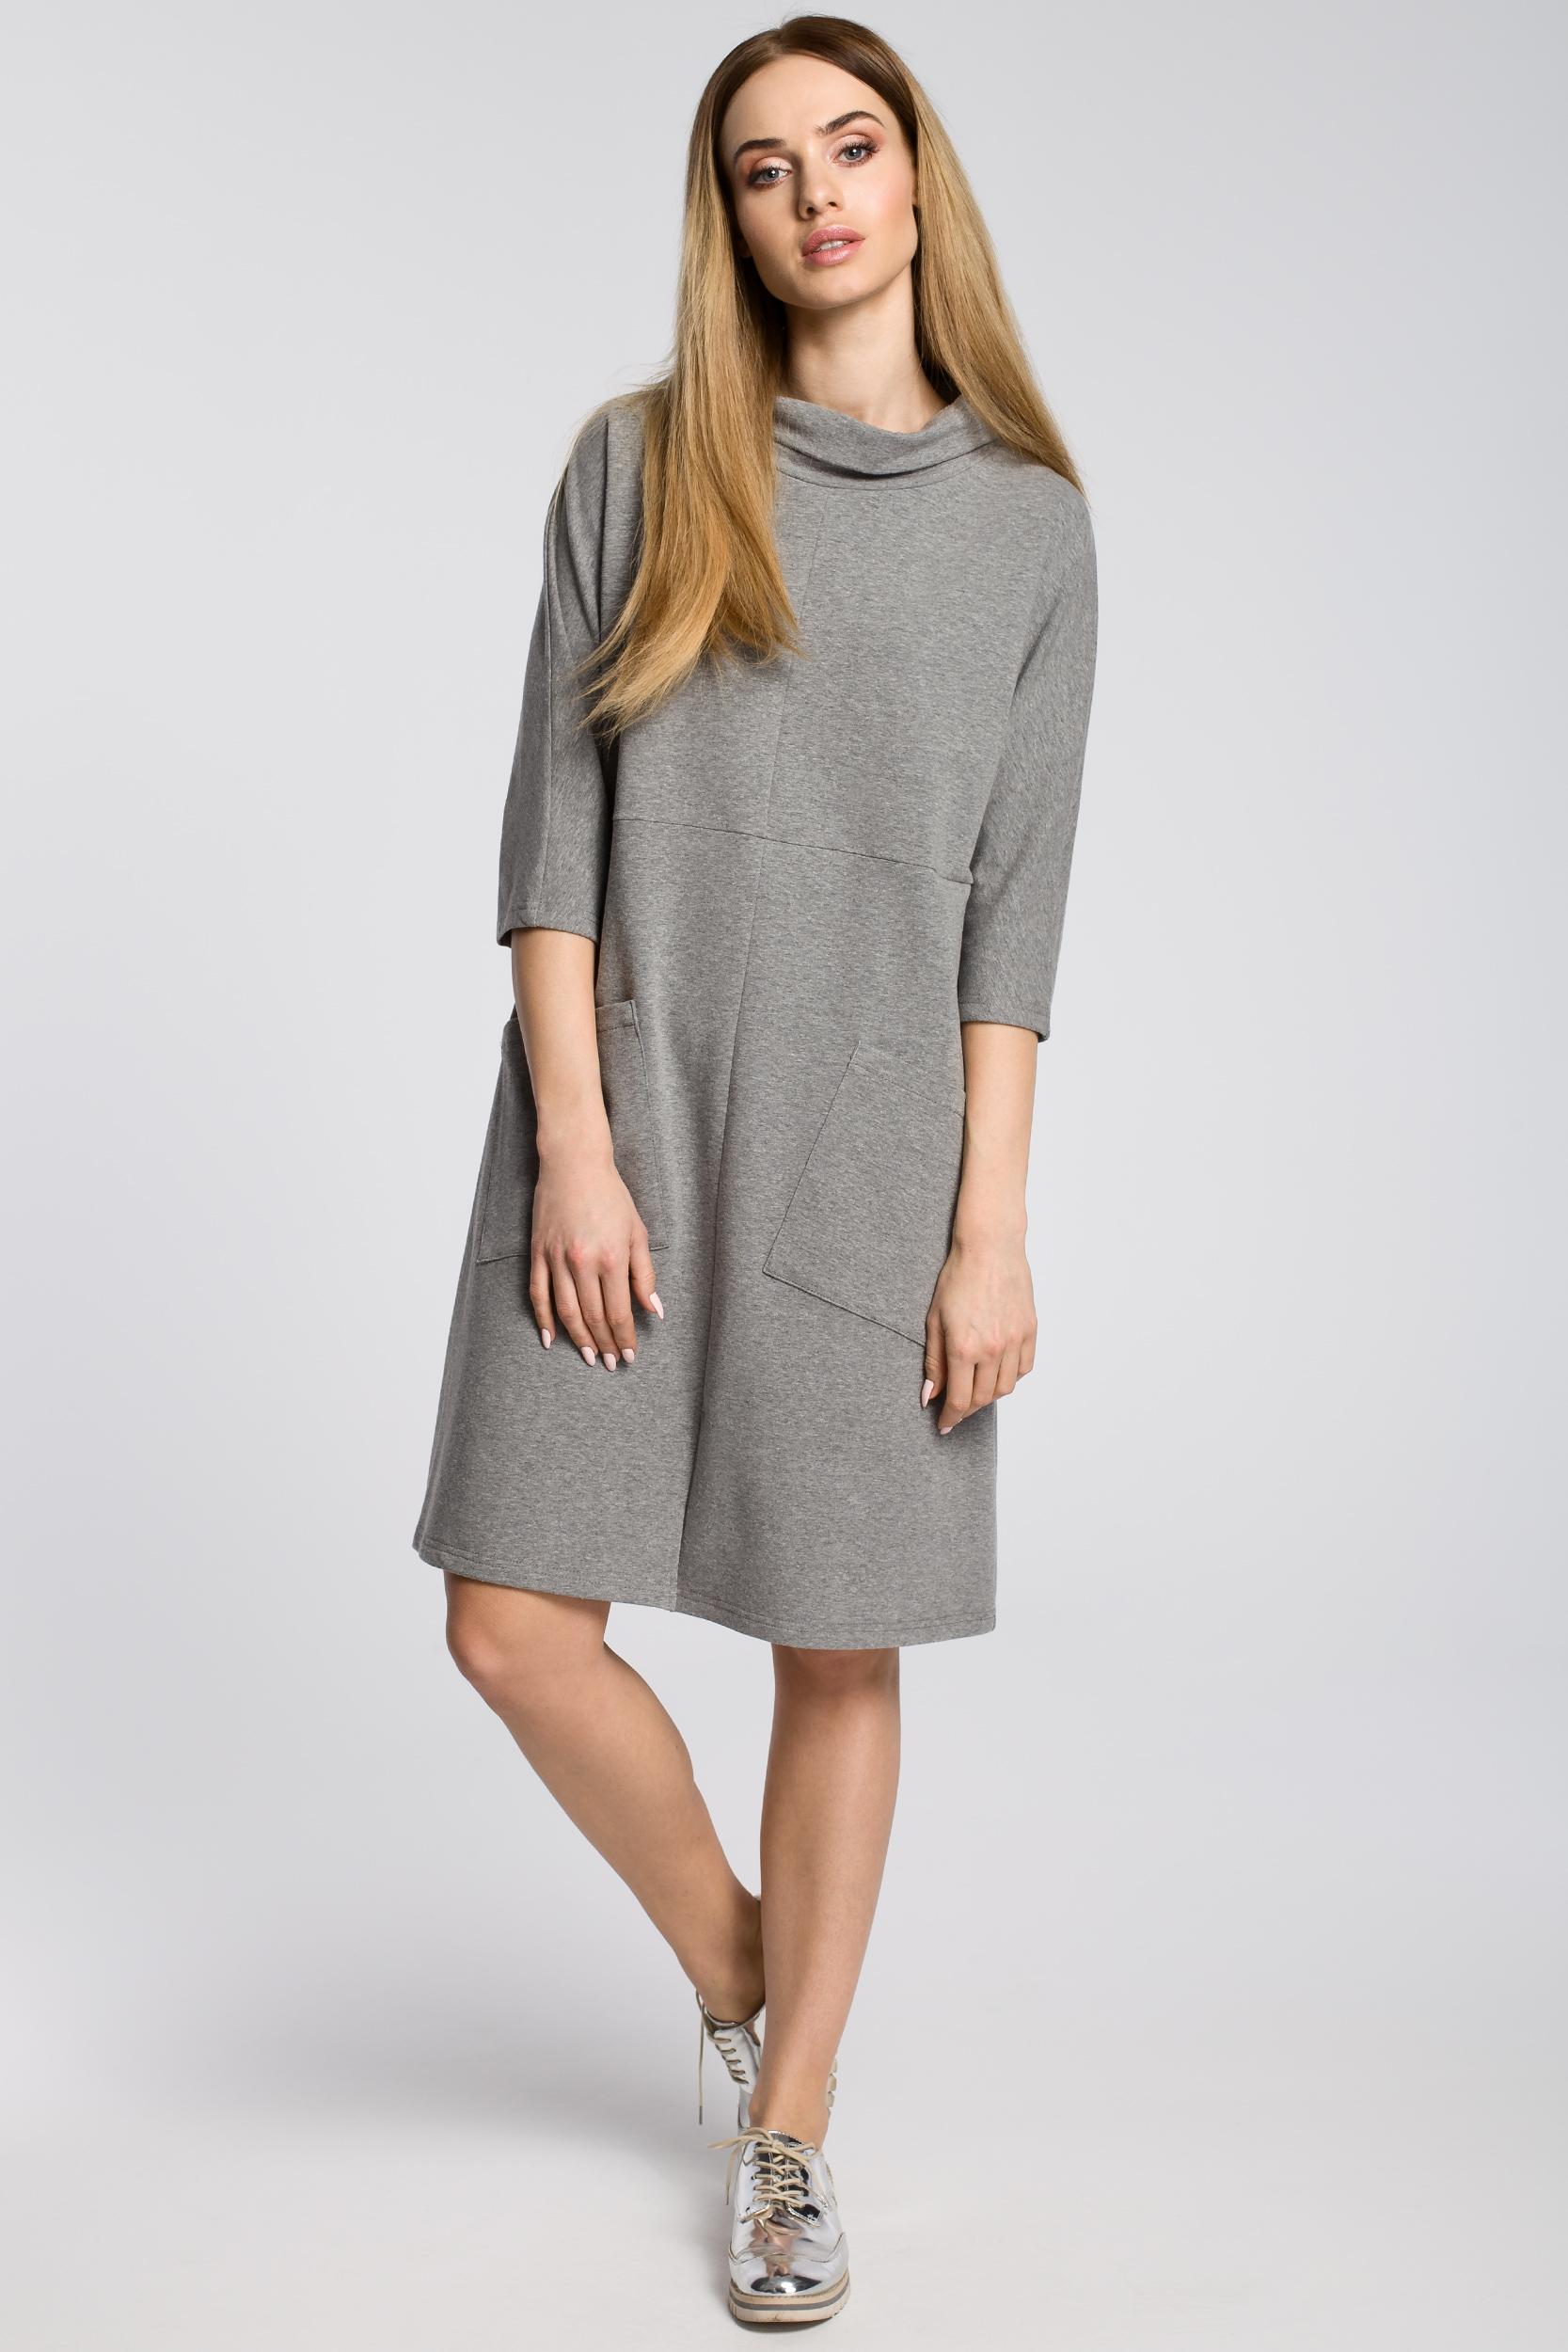 ad22d370 Sukienka oversize z ukośnymi kieszeniami - szara - Cudmoda